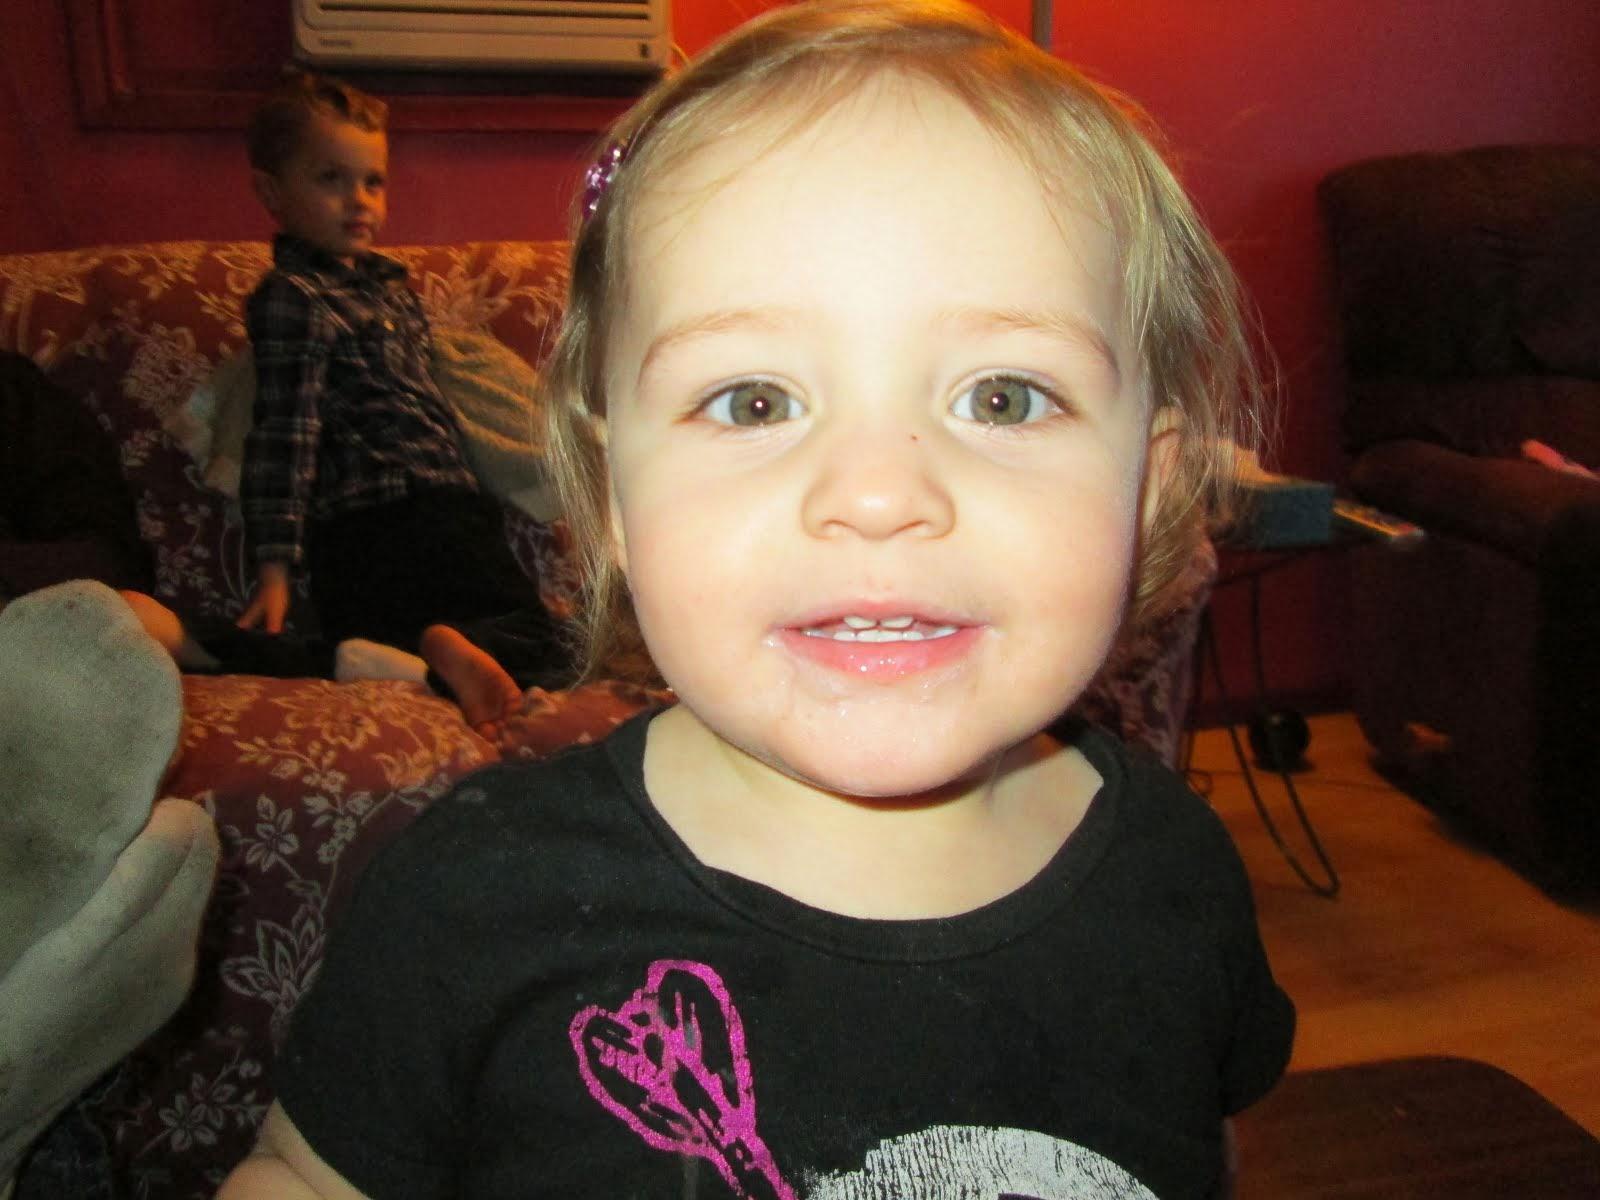 Yvette, 2 years